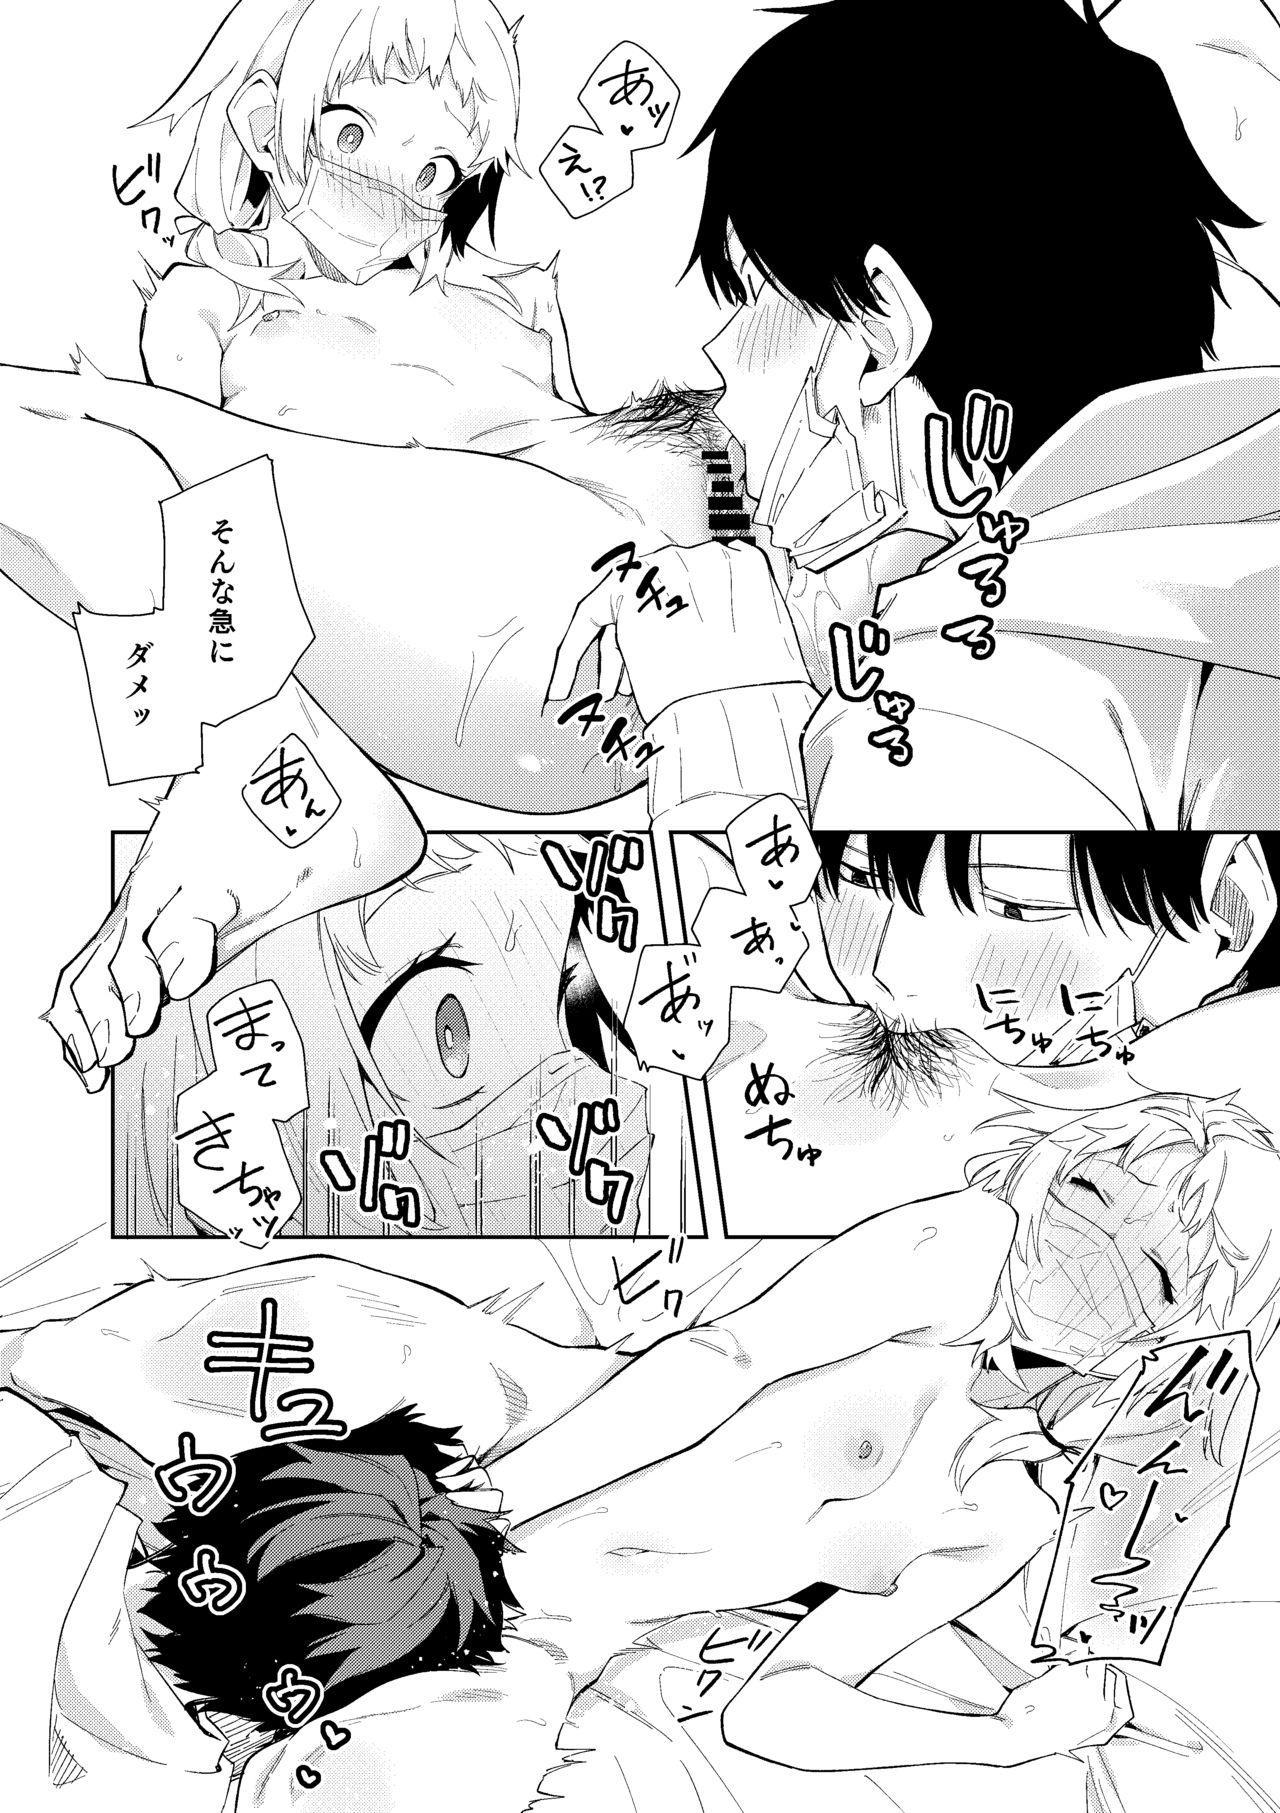 Rinjin wa Yuumei Haishinsha 16